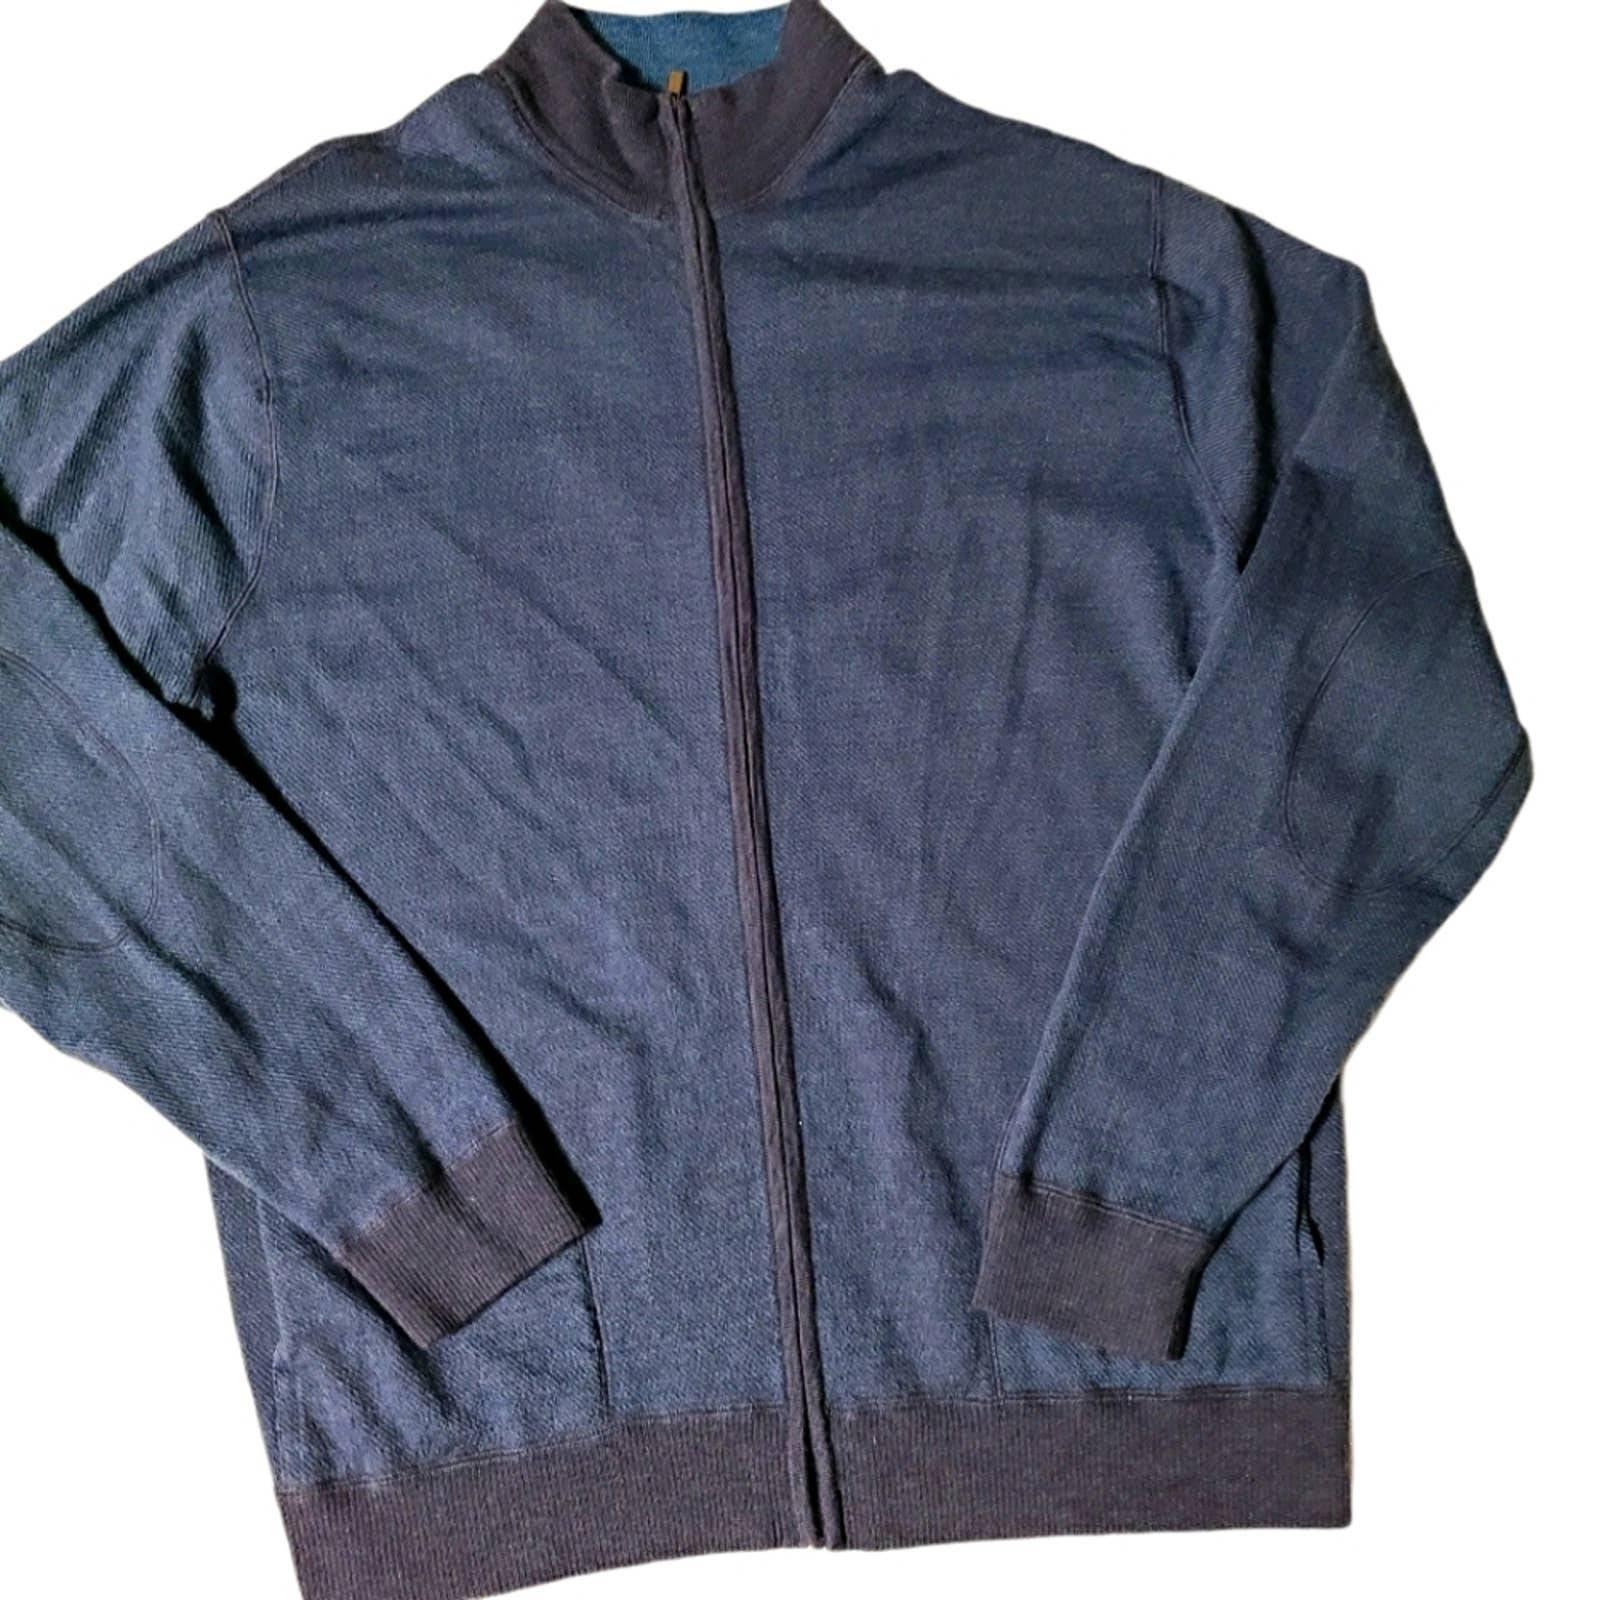 Bugatchi Merino Wool Zip Up Sweater XXL